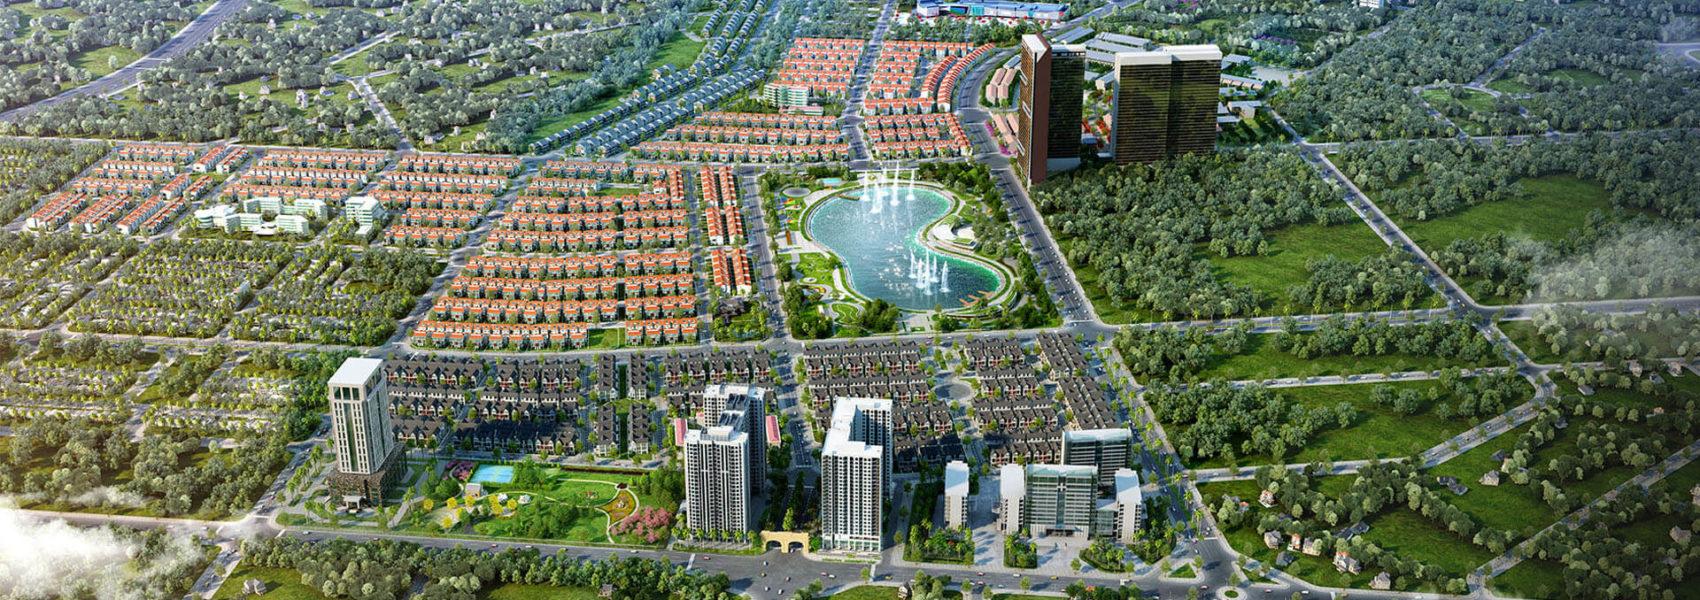 Phối cảnh tổng thể Khu đô thị Dương Nội - Anland Premium CT06 Residences